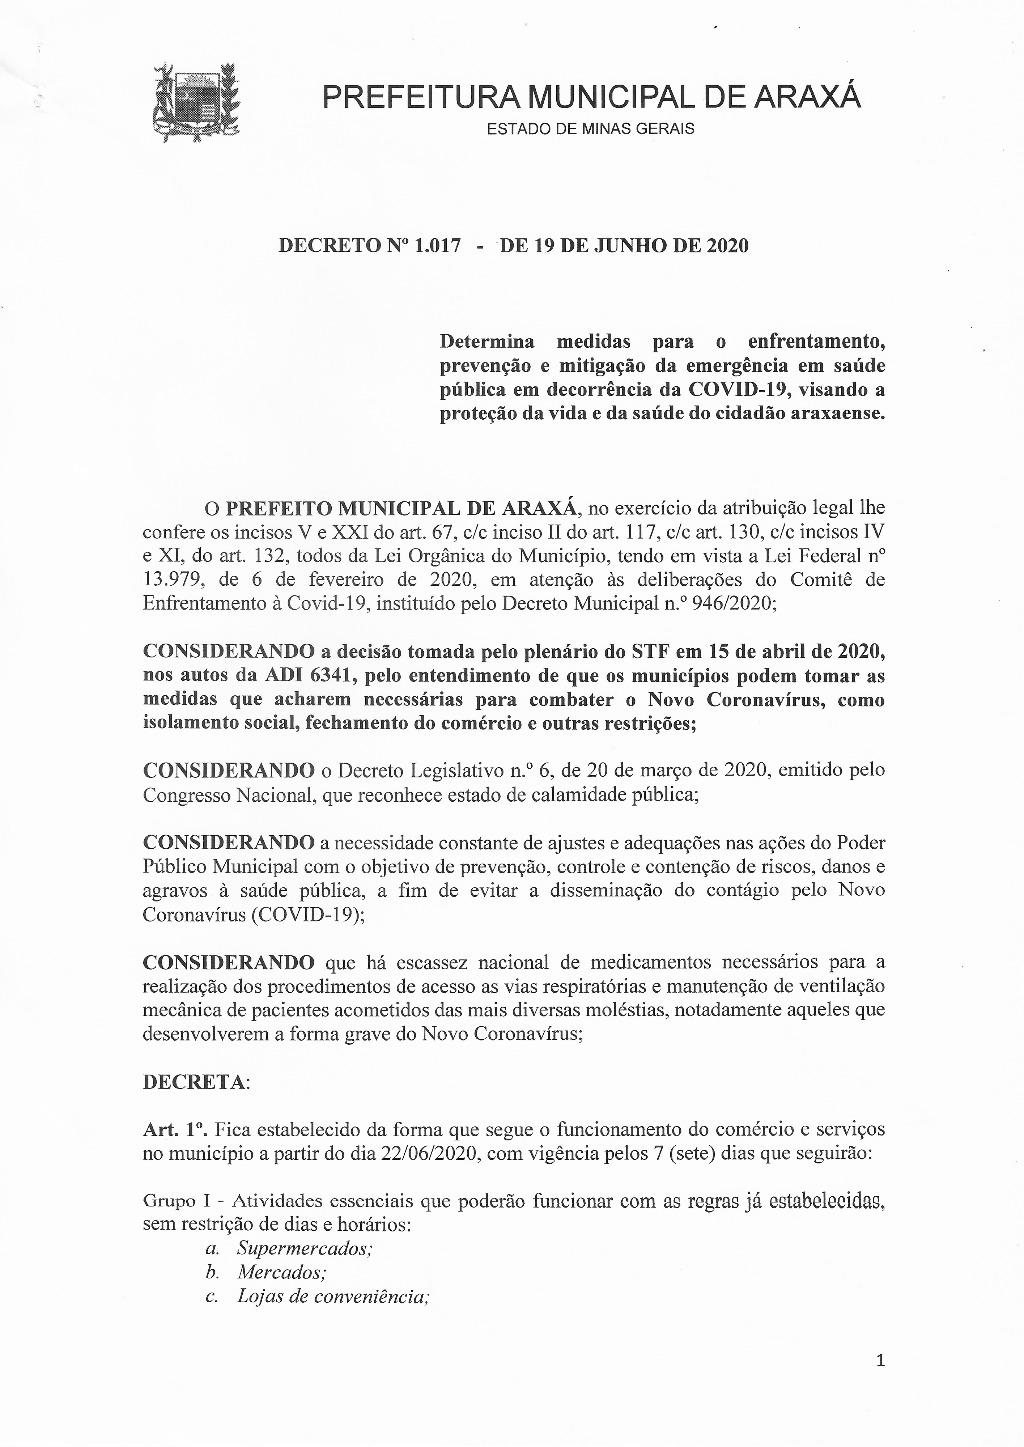 Decreto reduz flexibilização do comércio de Araxá a partir de segunda 1